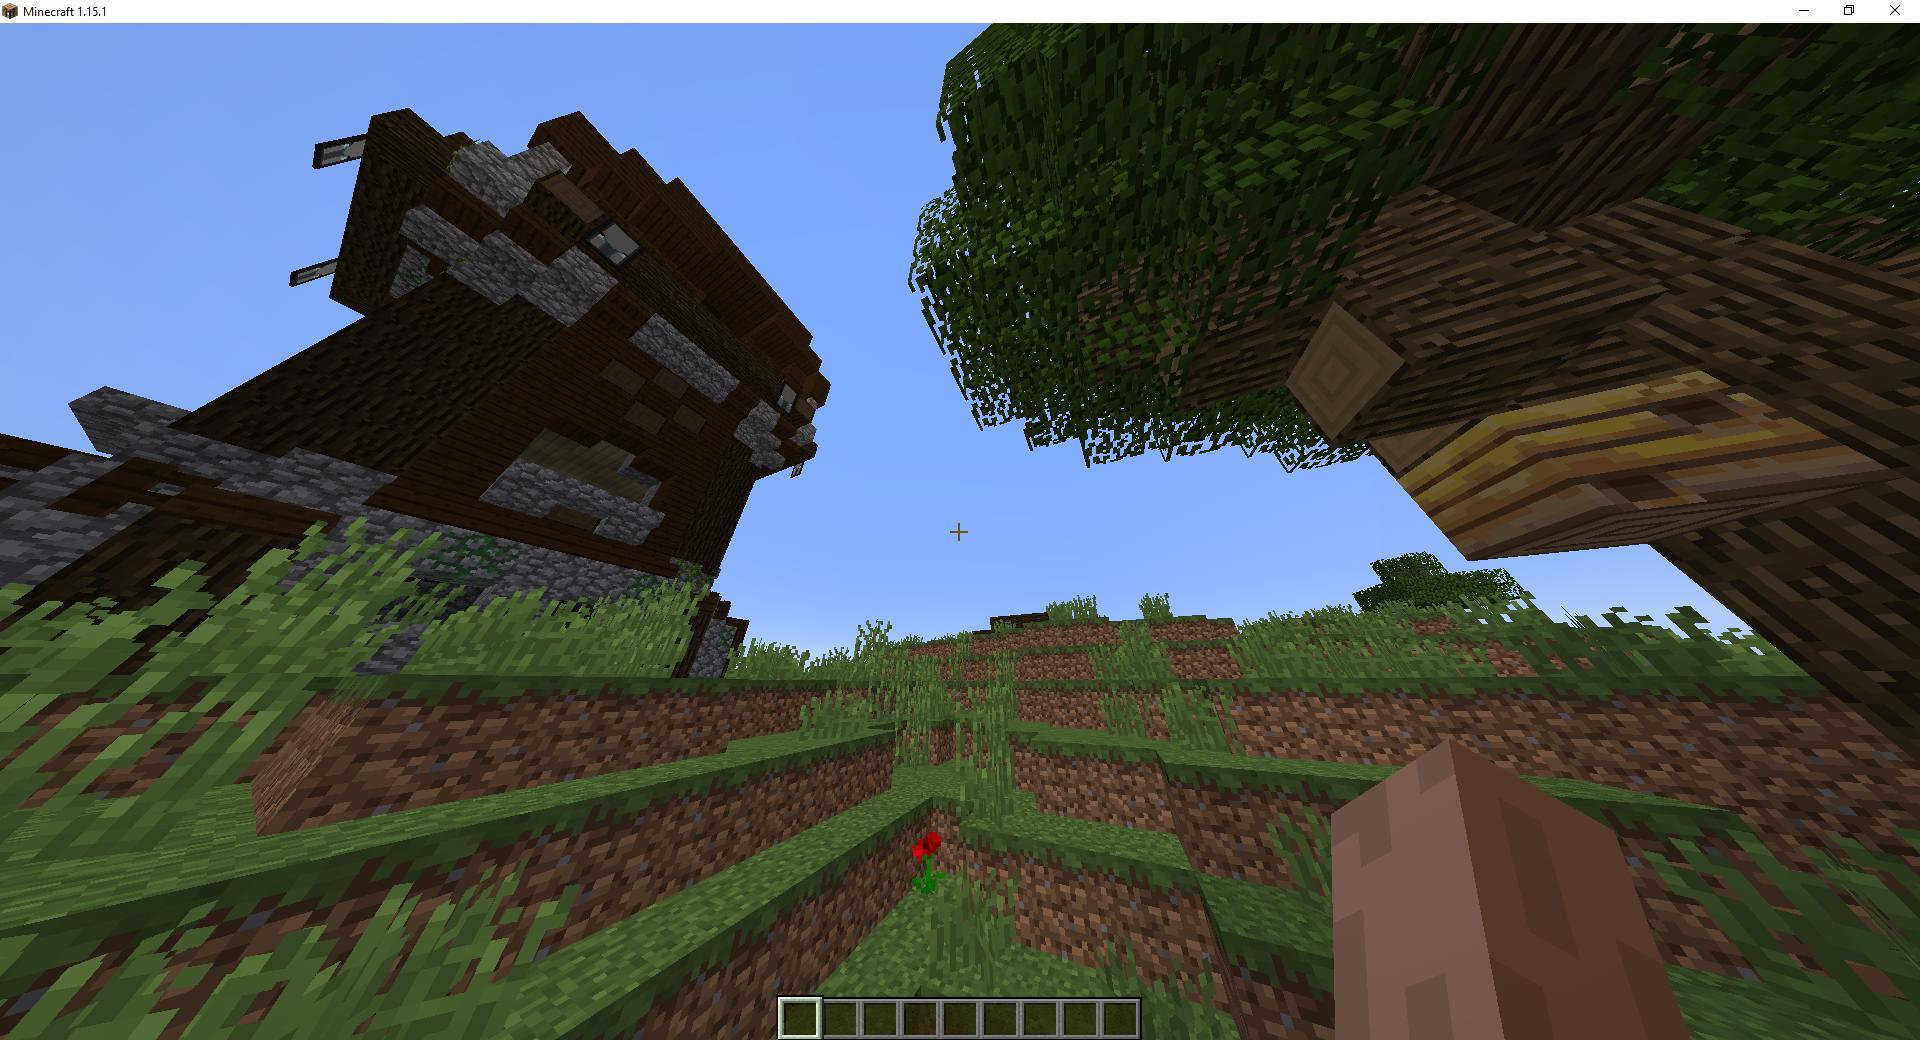 Сид «Башня разбойников и пчёлы» - скриншот 1